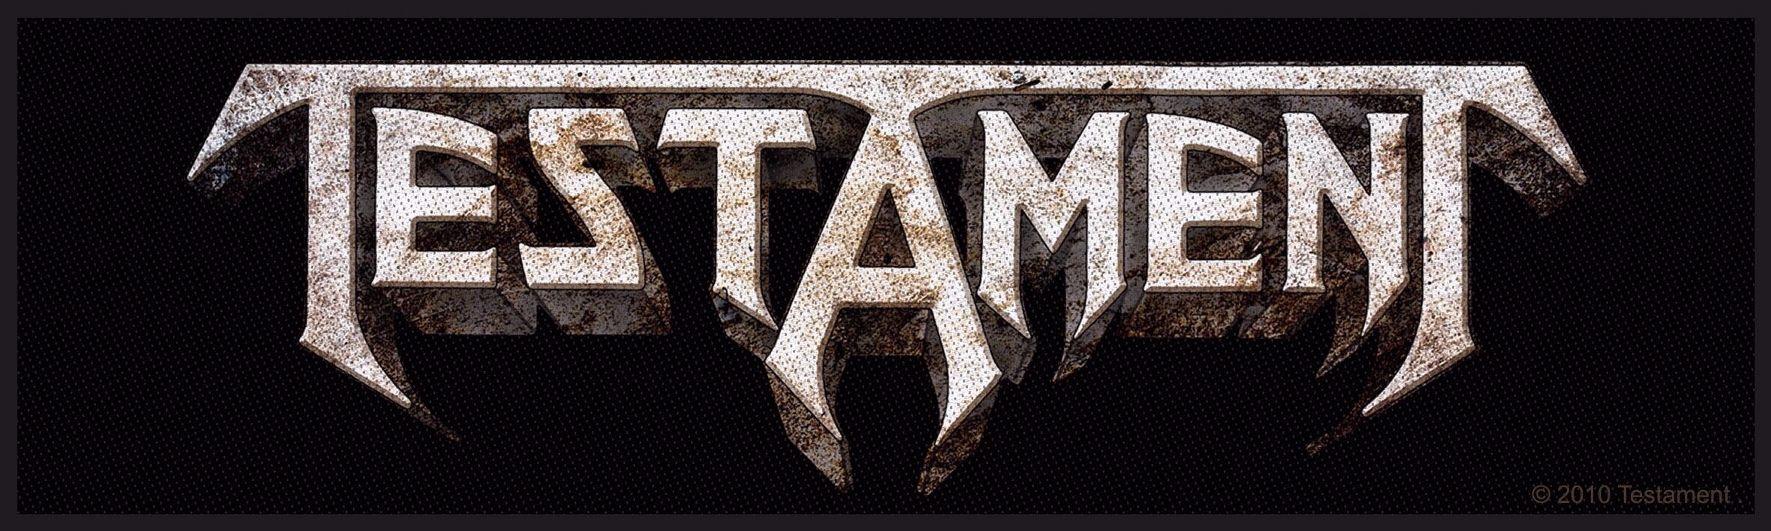 testament logo metal band logos pinterest logos metal bands and metal band logos